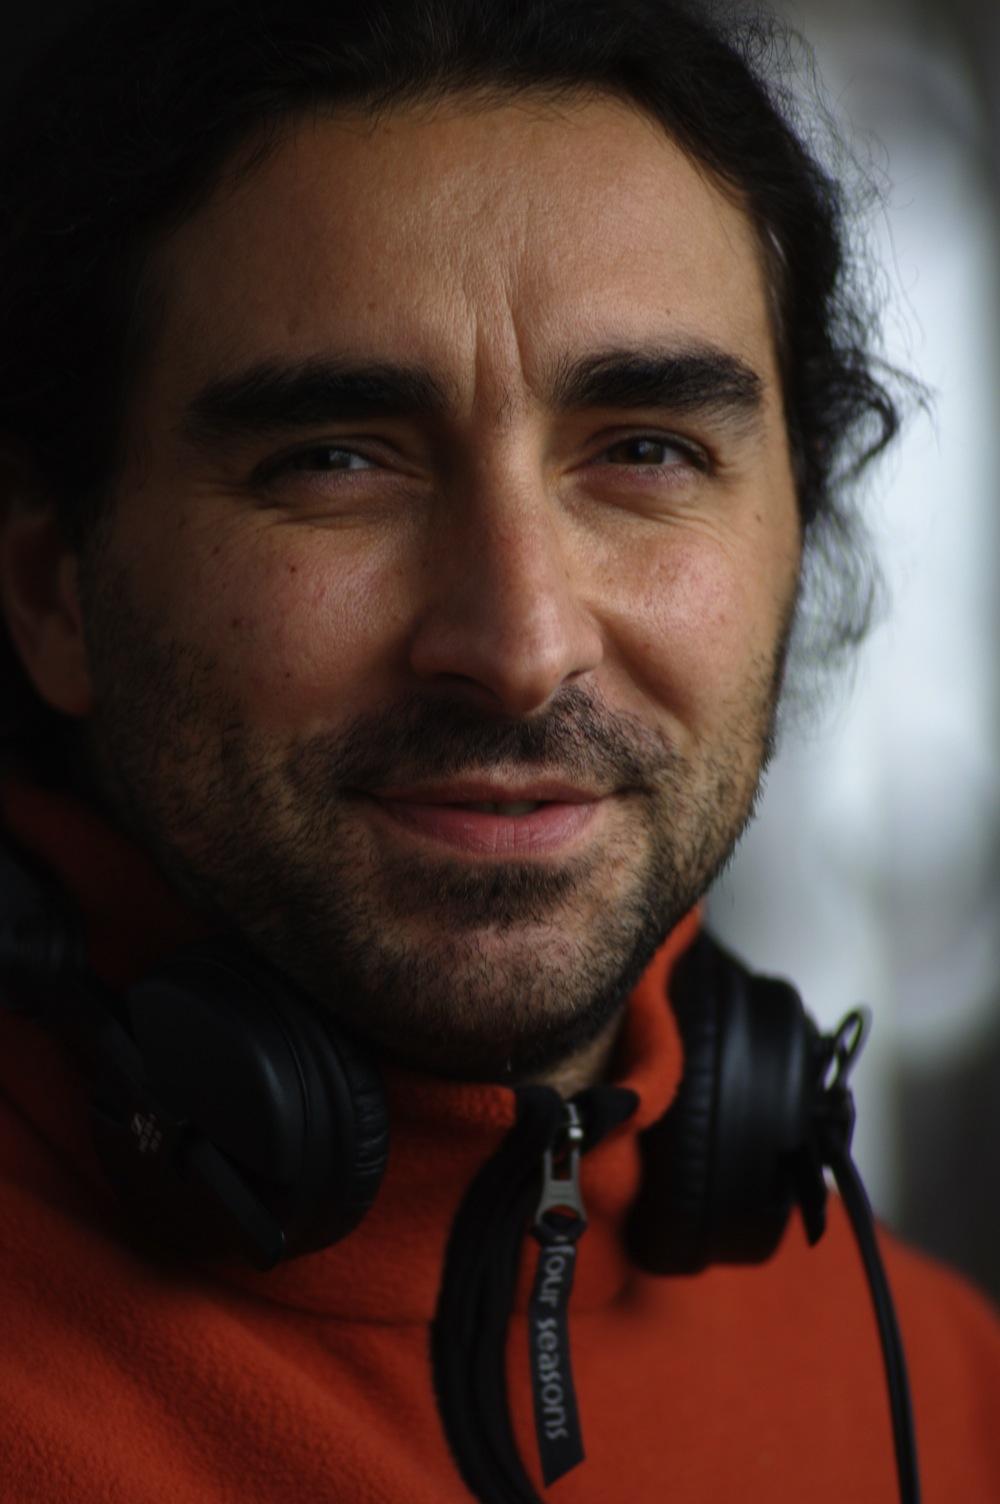 Stefan Feuerhake, DJ, Musiker und Produzent